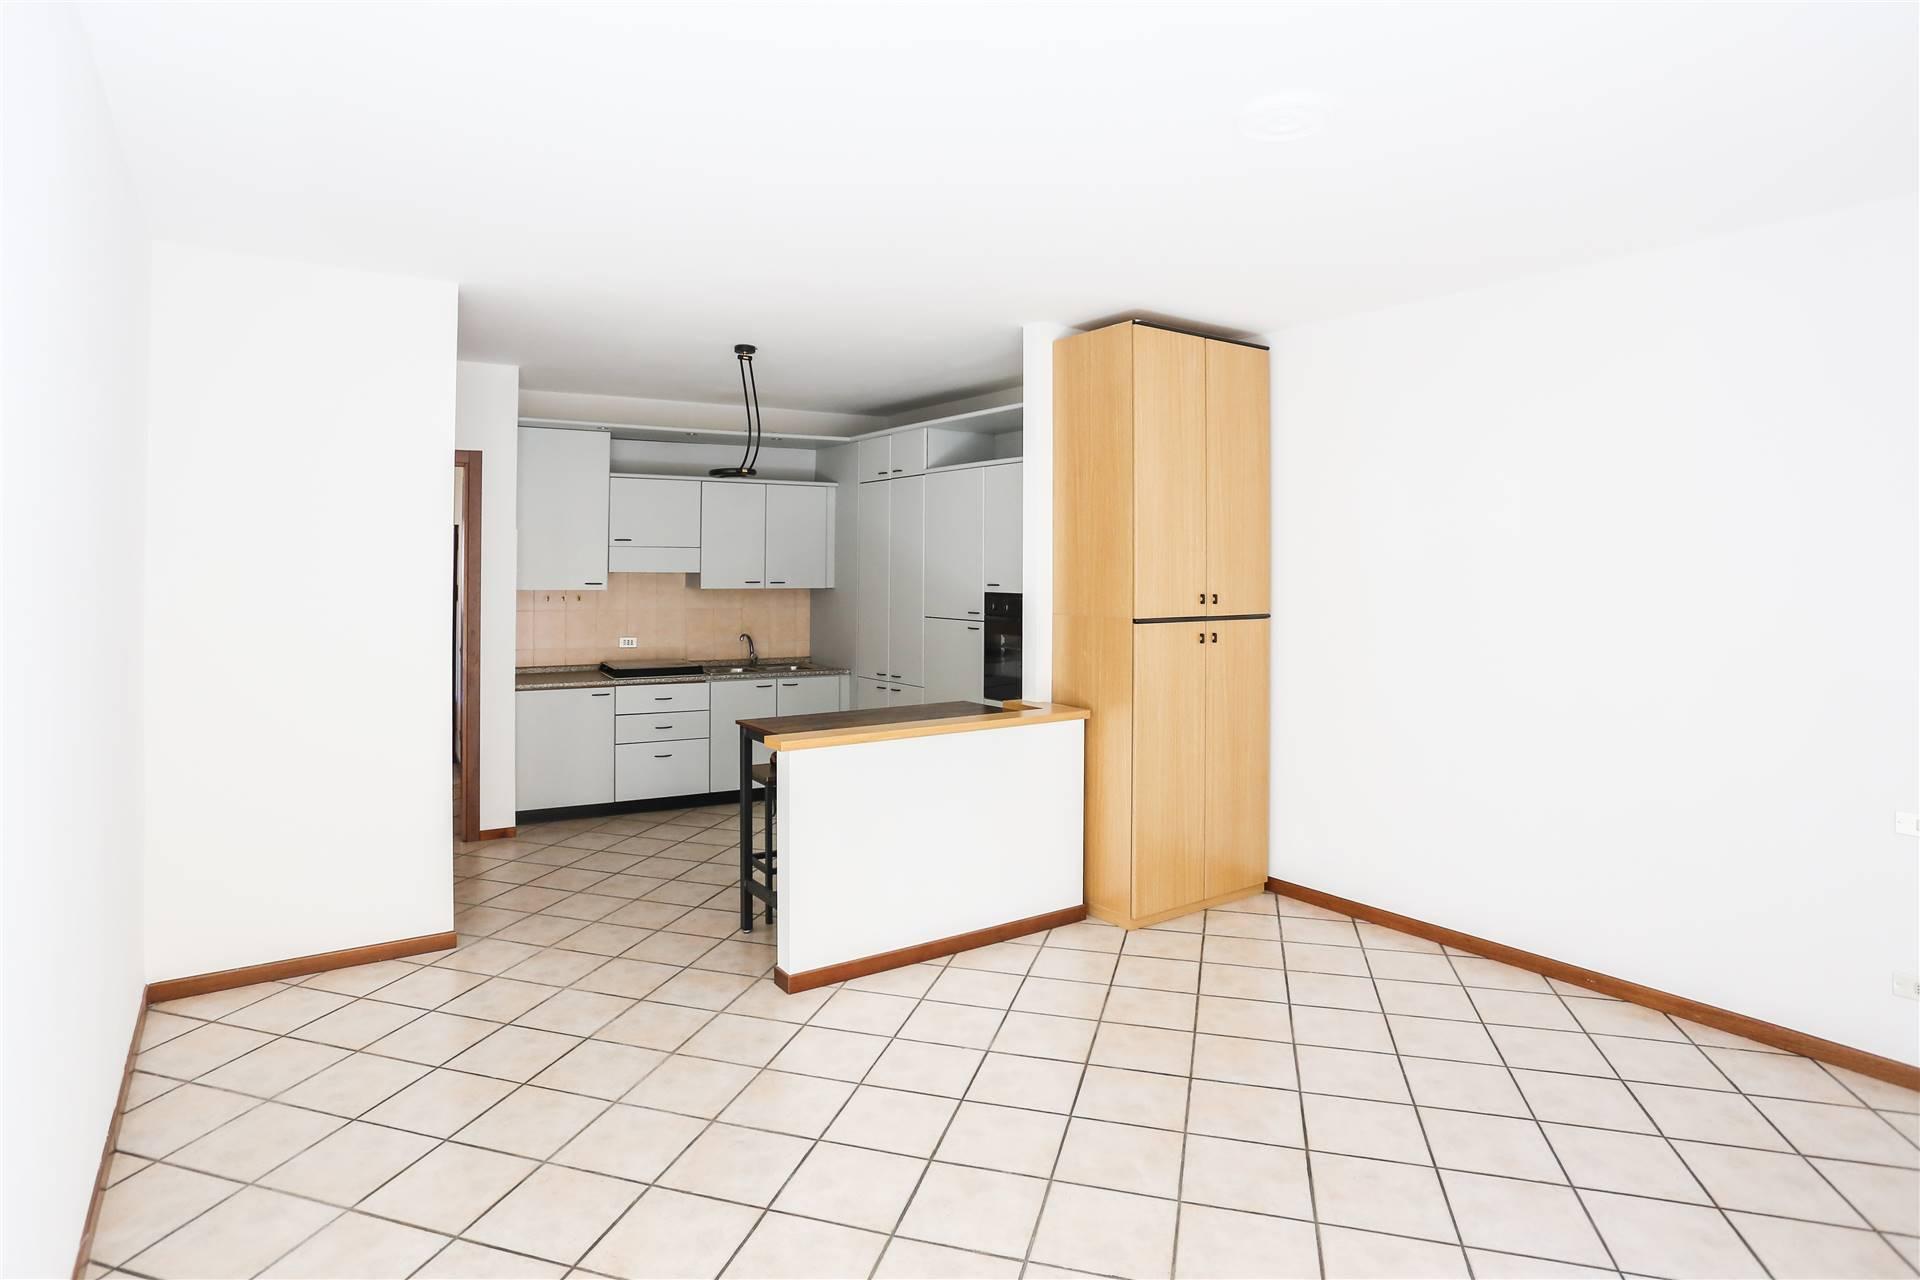 Appartamento in affitto a Alzano Lombardo, 1 locali, prezzo € 450 | PortaleAgenzieImmobiliari.it